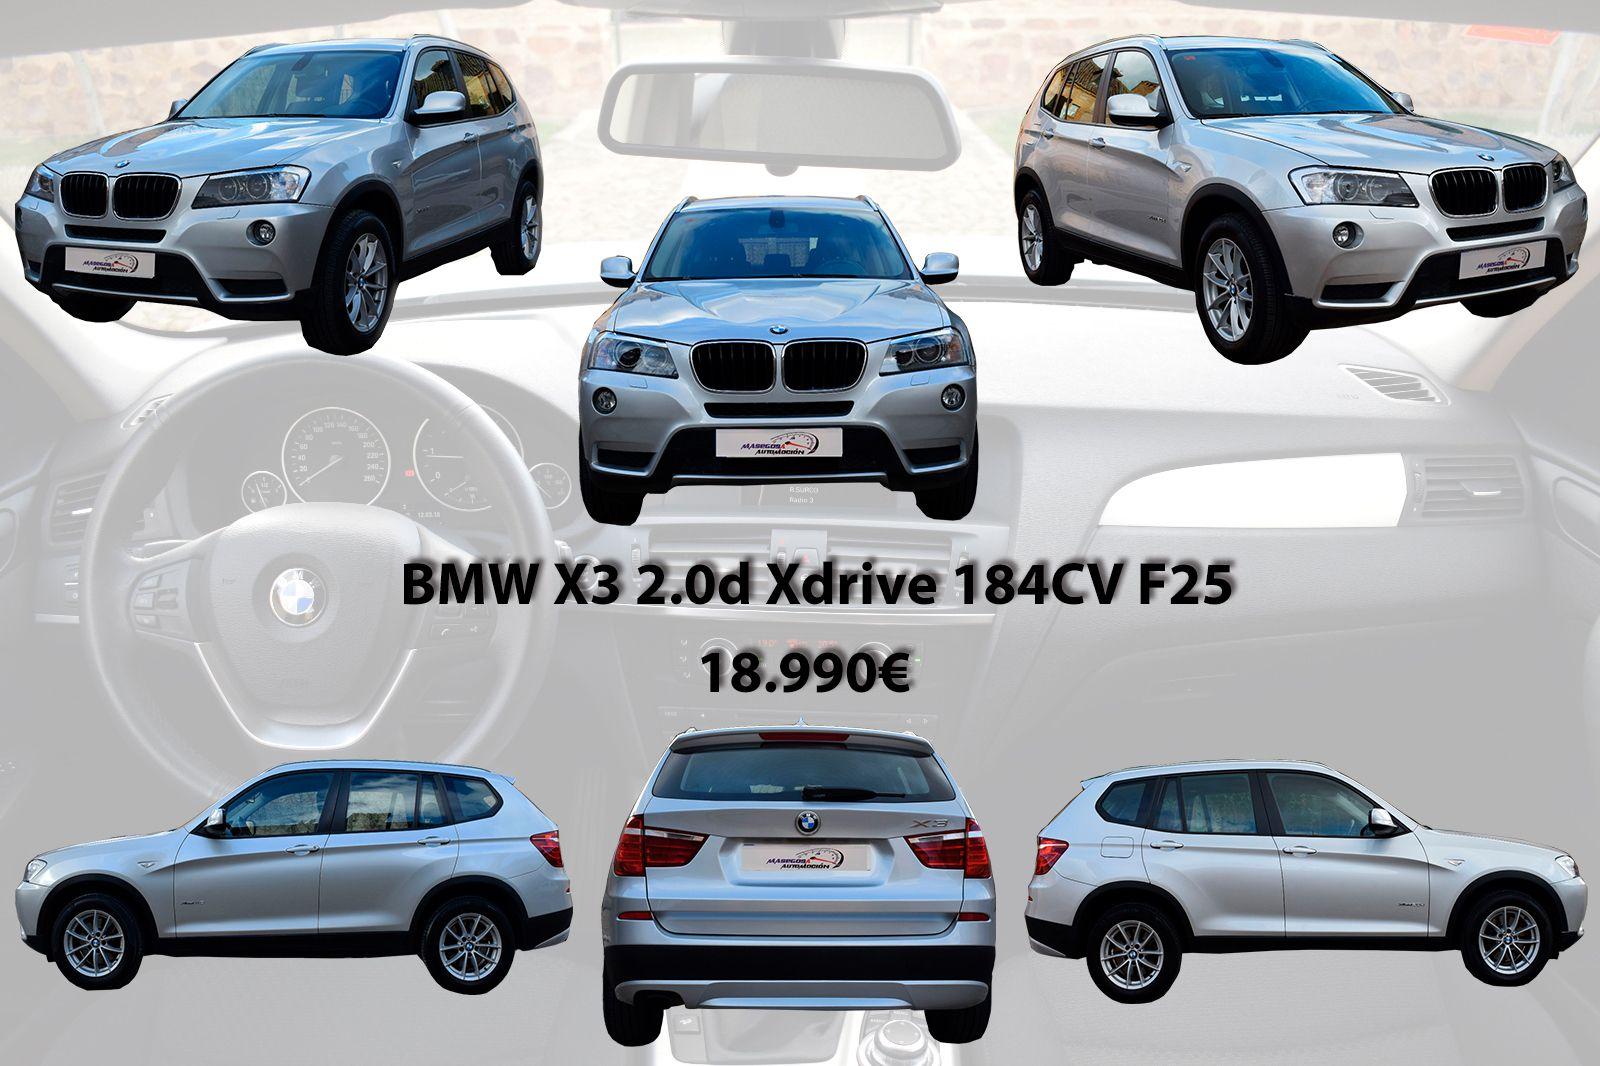 Dejate Sorprender Bmw X3 2 0d Xdrive 184cv F25 Precio 18 990 61 000 Km Noviembre 2011 Info Https Www Masegosau Bmw X3 Seminuevos Bmw